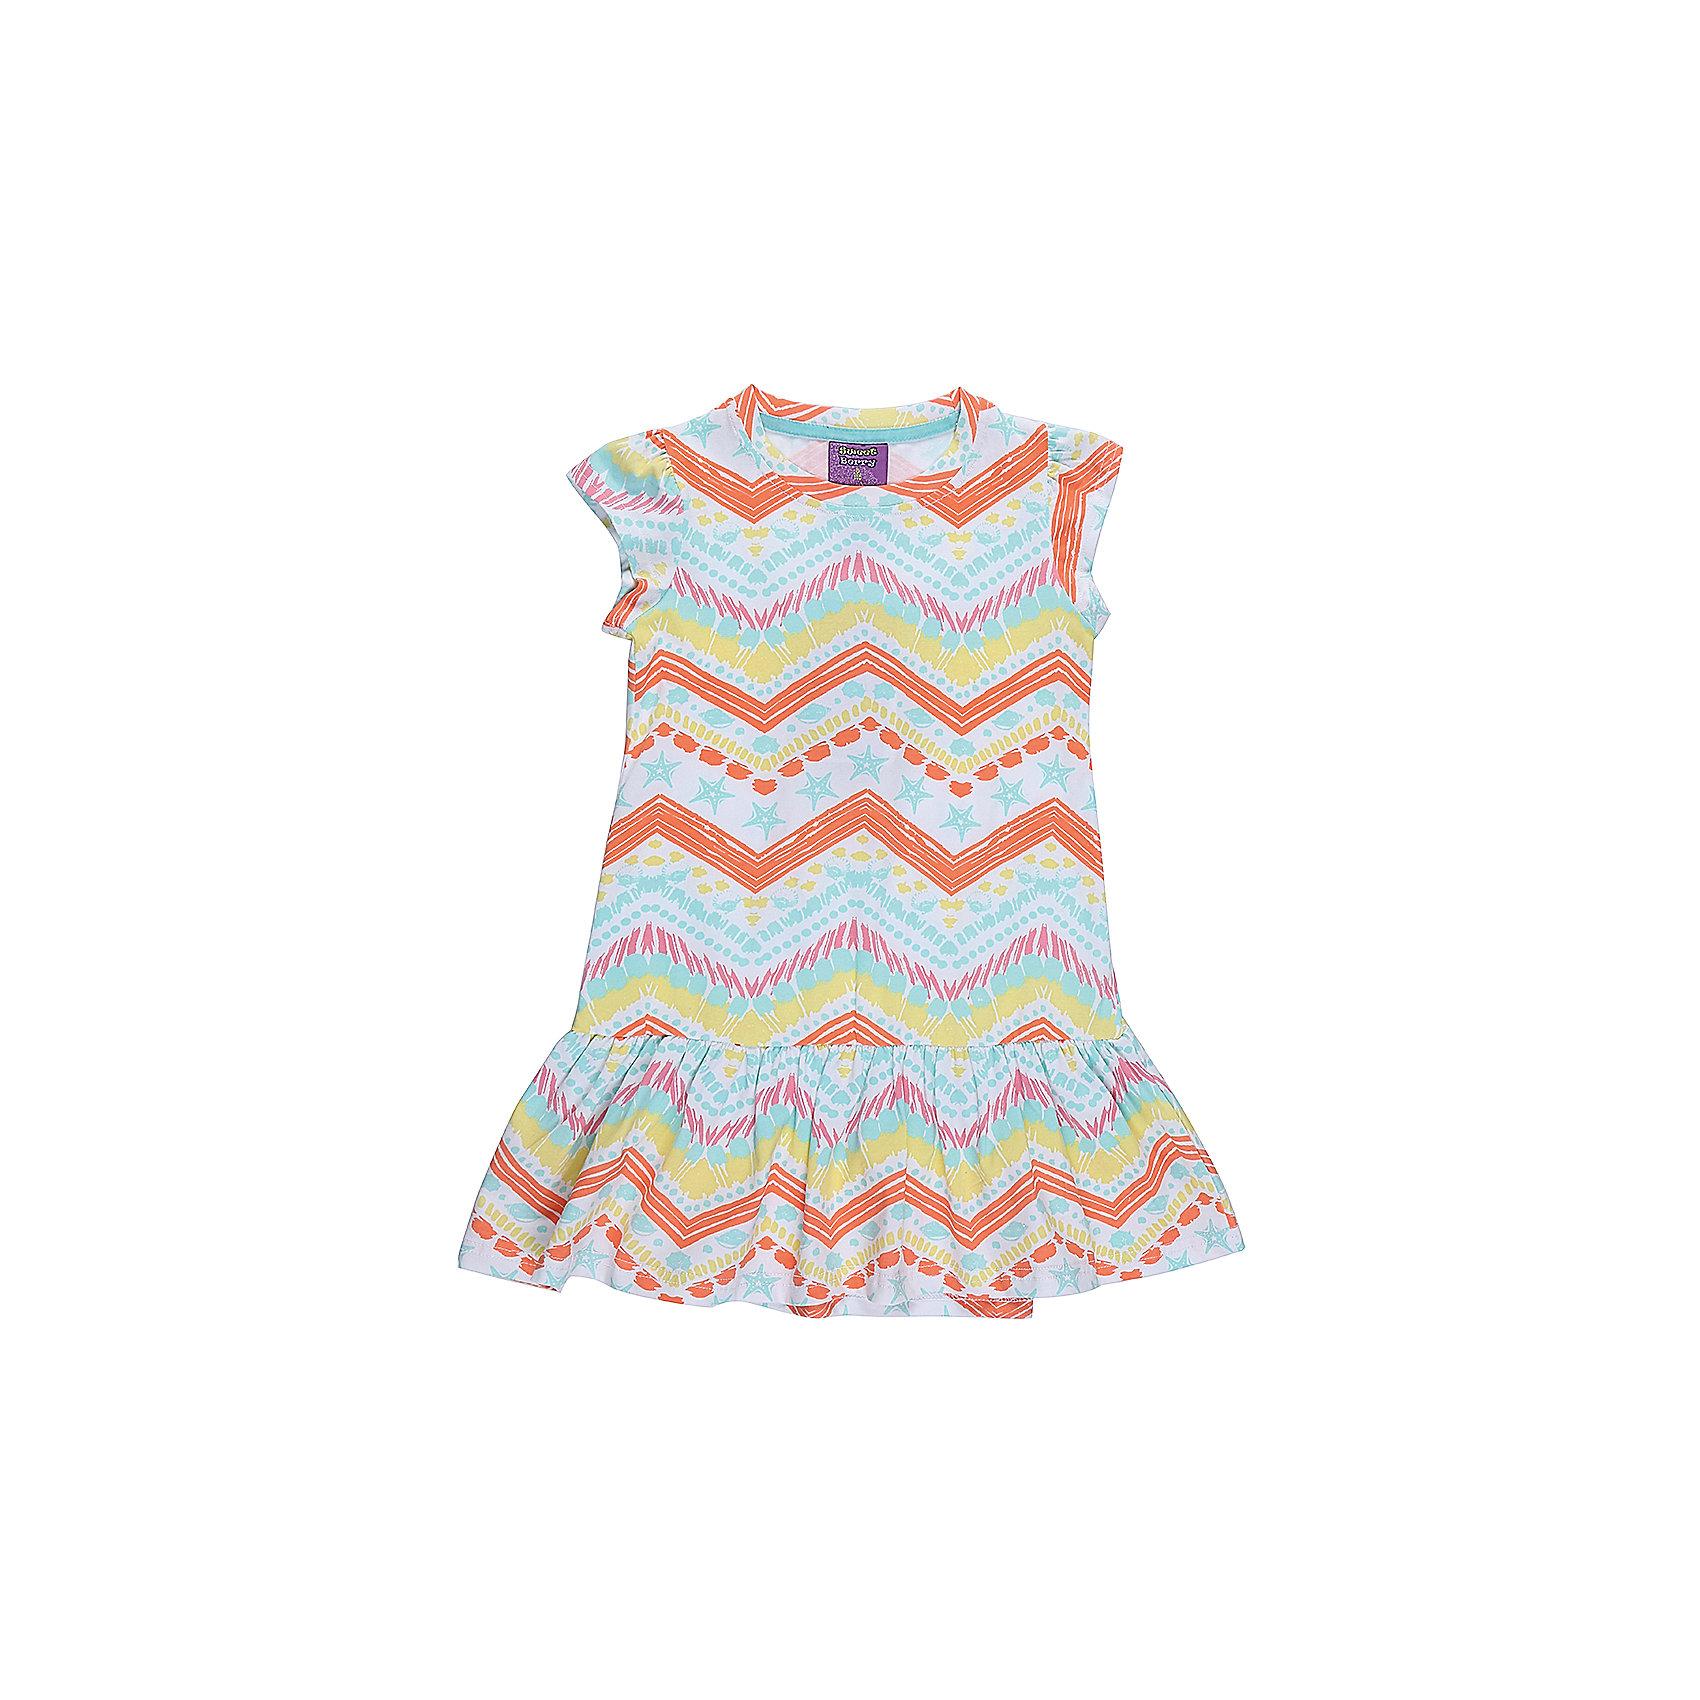 Платье для девочки Sweet BerryЛетние платья и сарафаны<br>Платье для девочки из трикотажной ткани с оригинальным принтом. Декорирован воланом по низу изделия.<br>Состав:<br>95%хлопок 5%эластан<br><br>Ширина мм: 236<br>Глубина мм: 16<br>Высота мм: 184<br>Вес г: 177<br>Цвет: разноцветный<br>Возраст от месяцев: 36<br>Возраст до месяцев: 48<br>Пол: Женский<br>Возраст: Детский<br>Размер: 104,98,110,116,122,128<br>SKU: 5412794